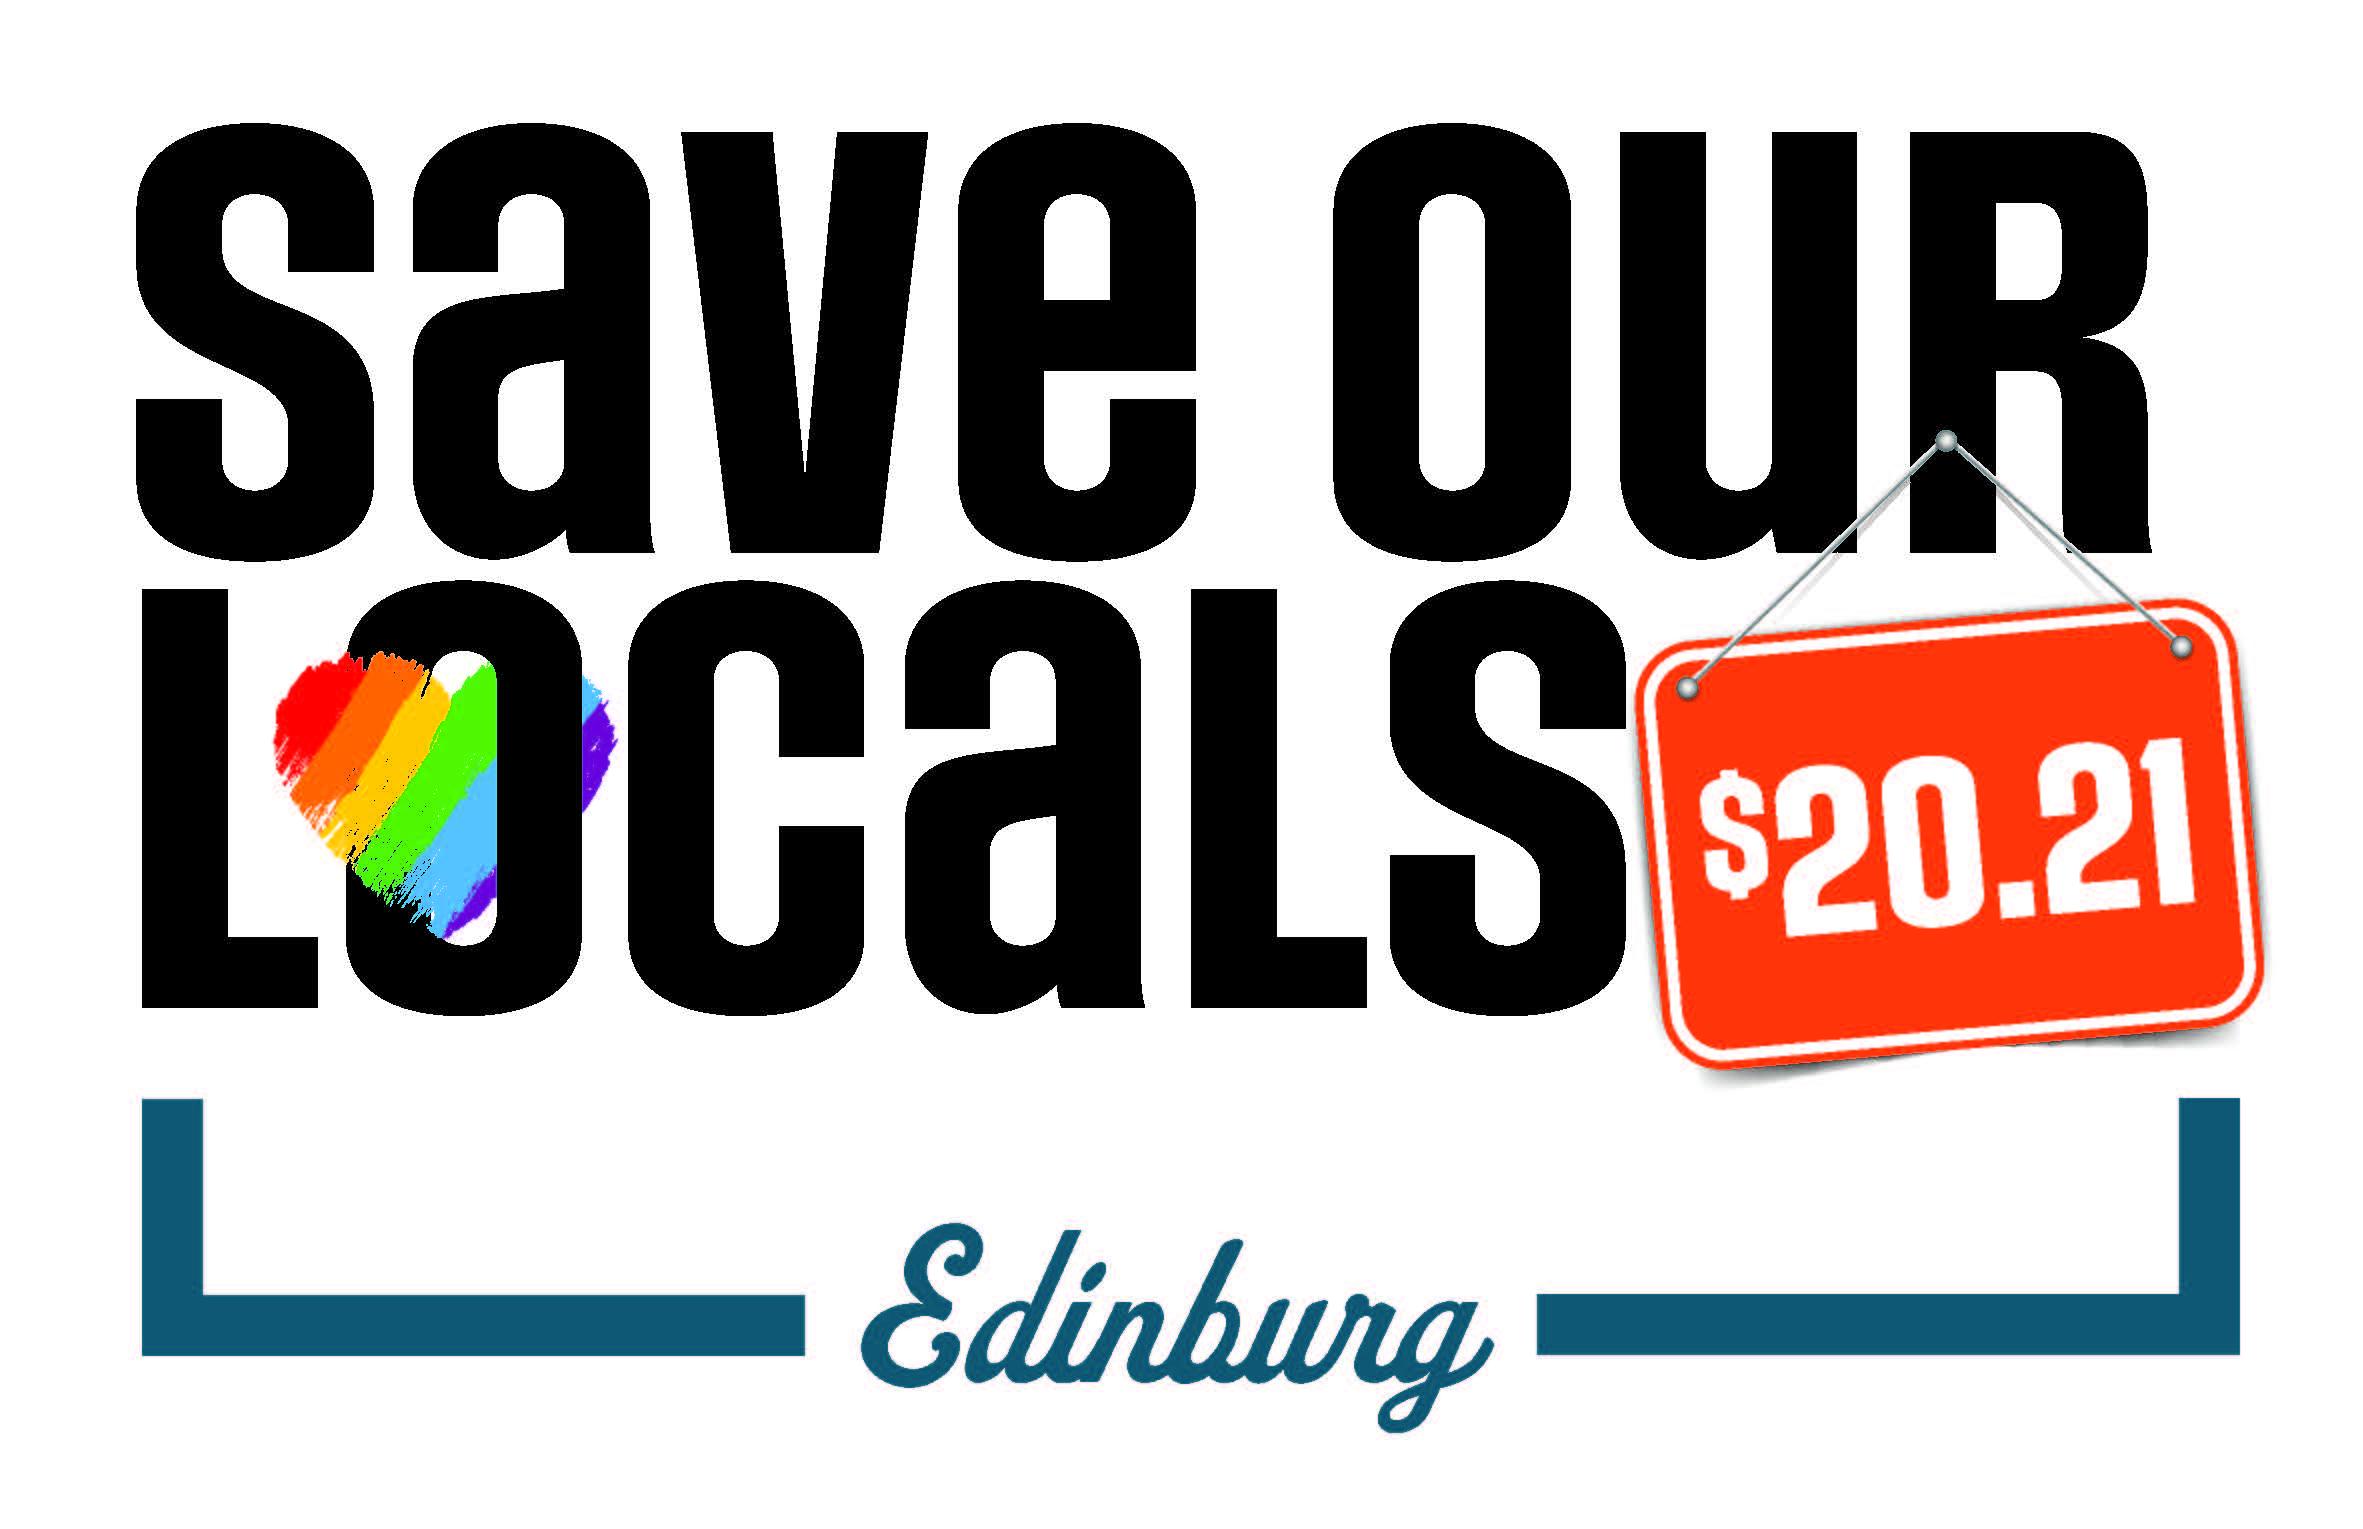 Save Our Locals 2021 Edinburg